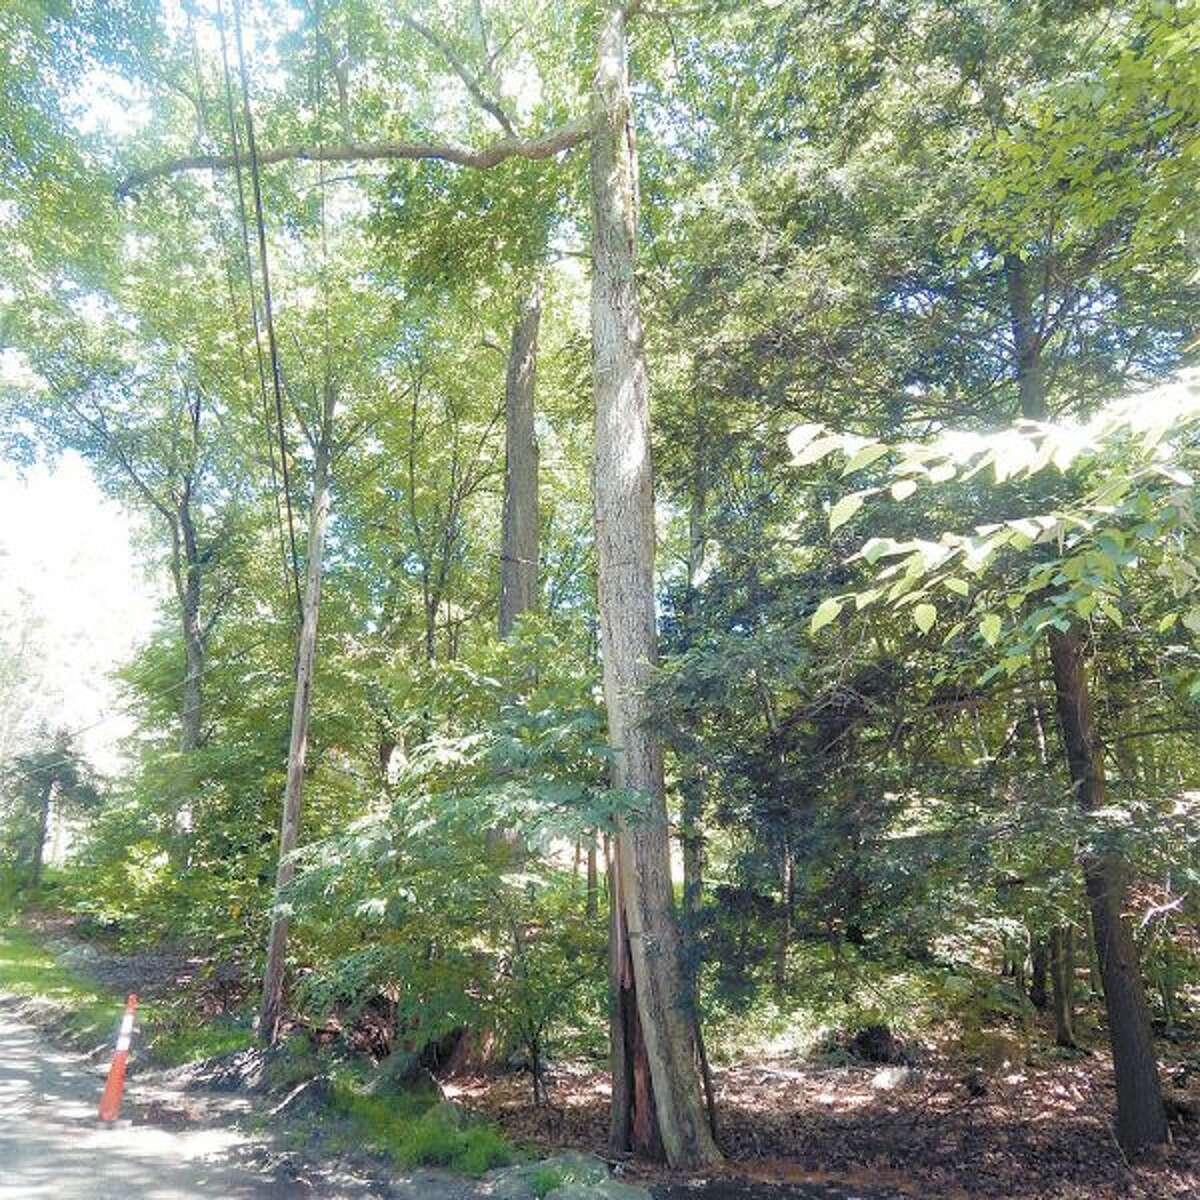 wilt-900x900-WB-NWS-SA-kingdom-ridge-tree-(zoomed-out)-7-26